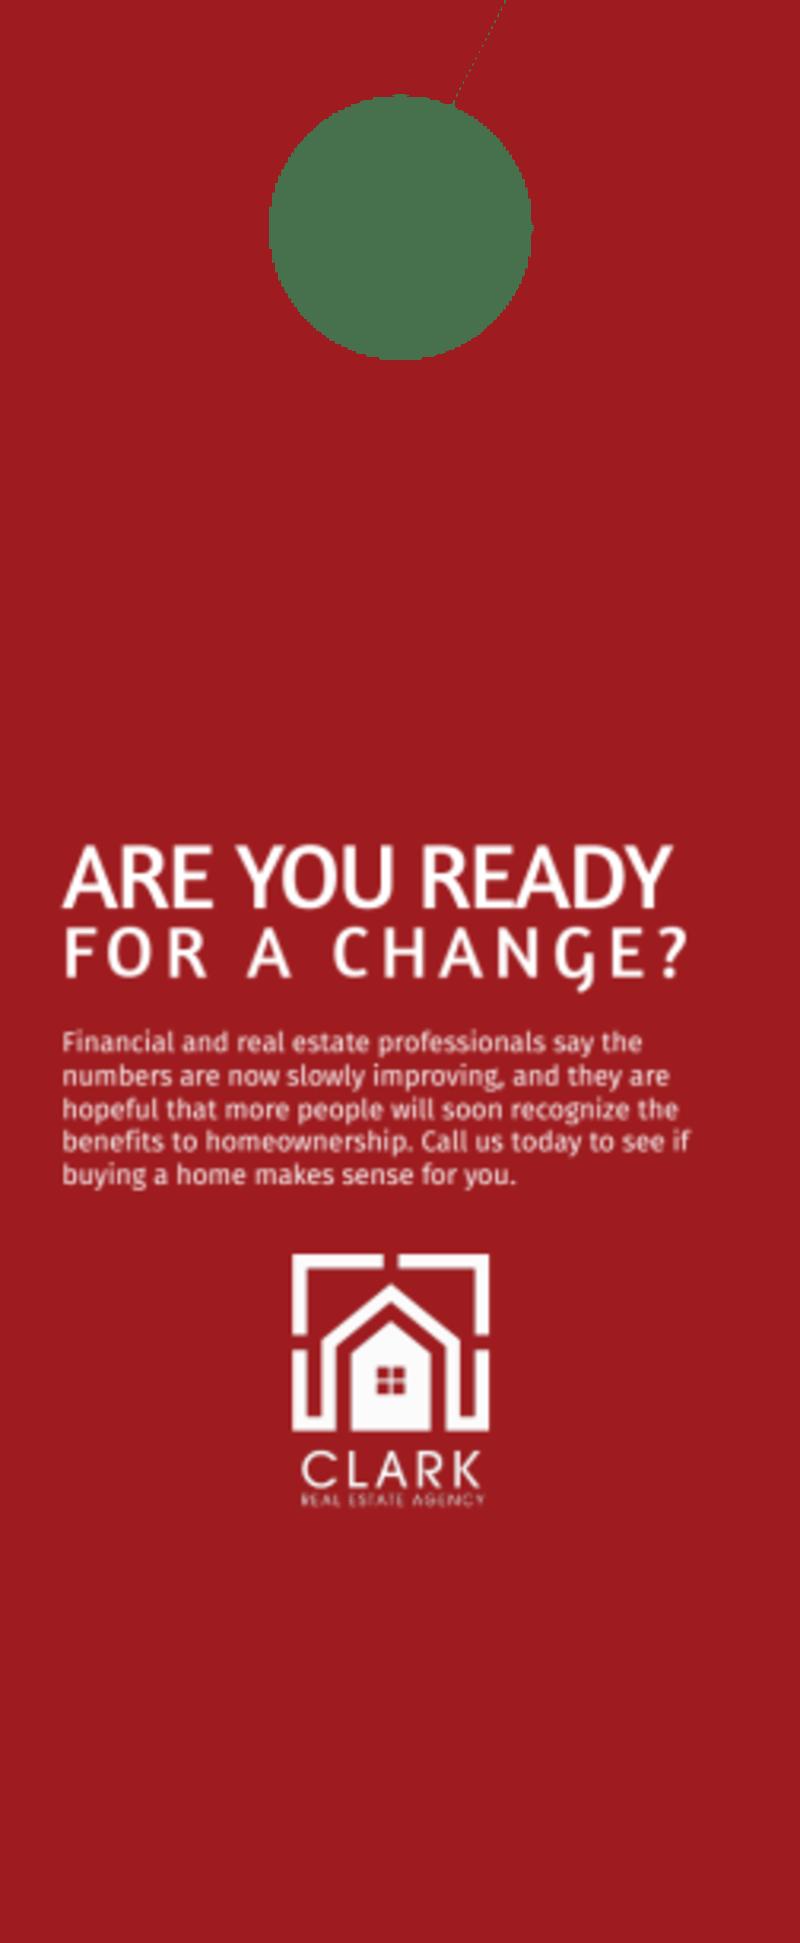 Clark Real Estate Agency Door Hanger Template Preview 3